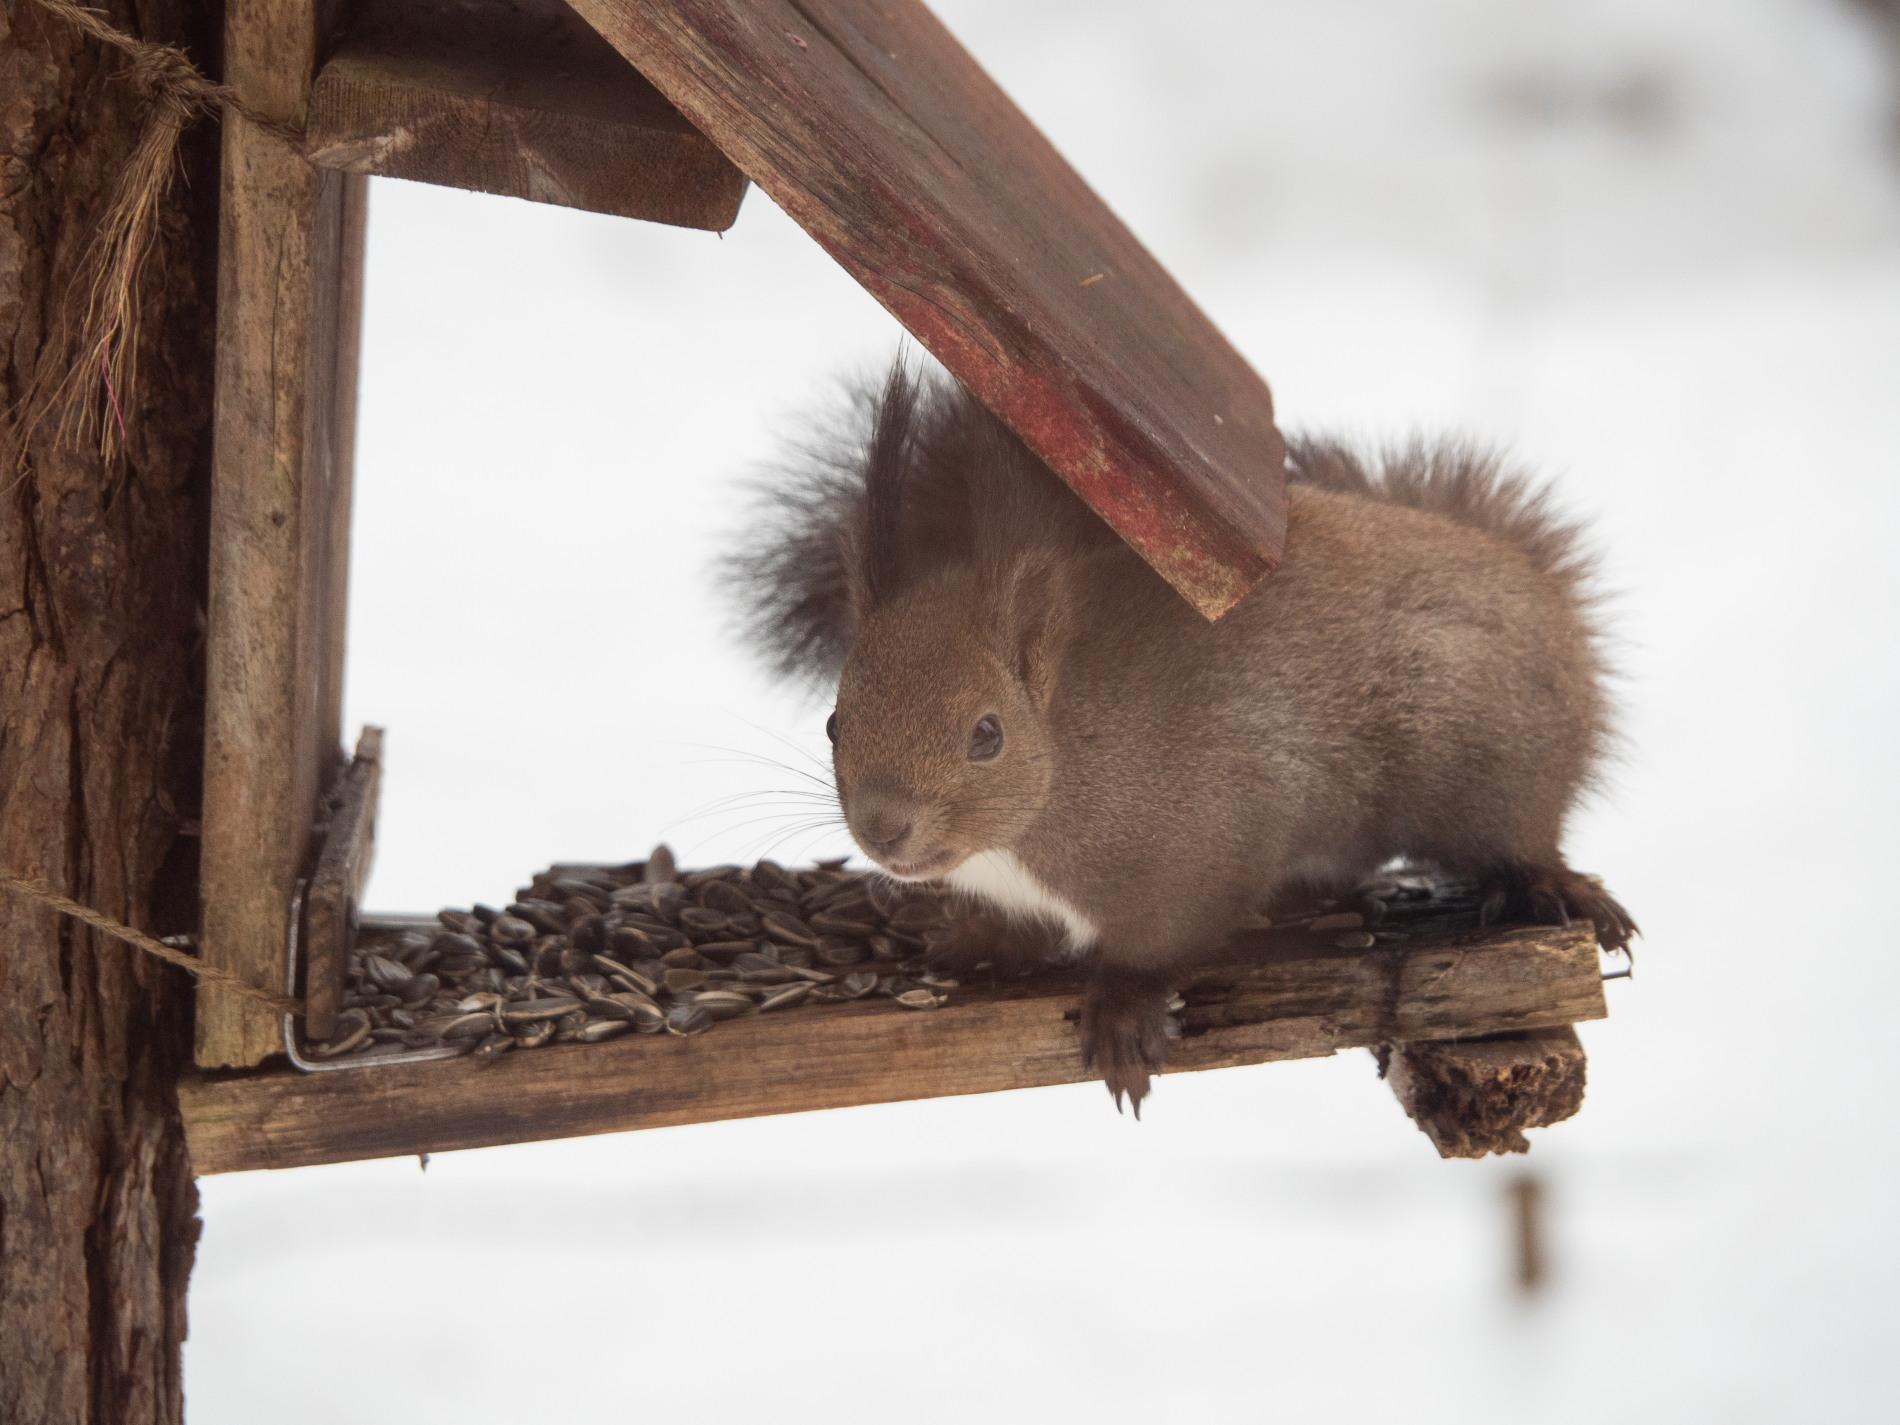 """エゾリス君も驚きます・・春を告げる""""屋根からの落雪""""_f0276498_21351796.jpg"""